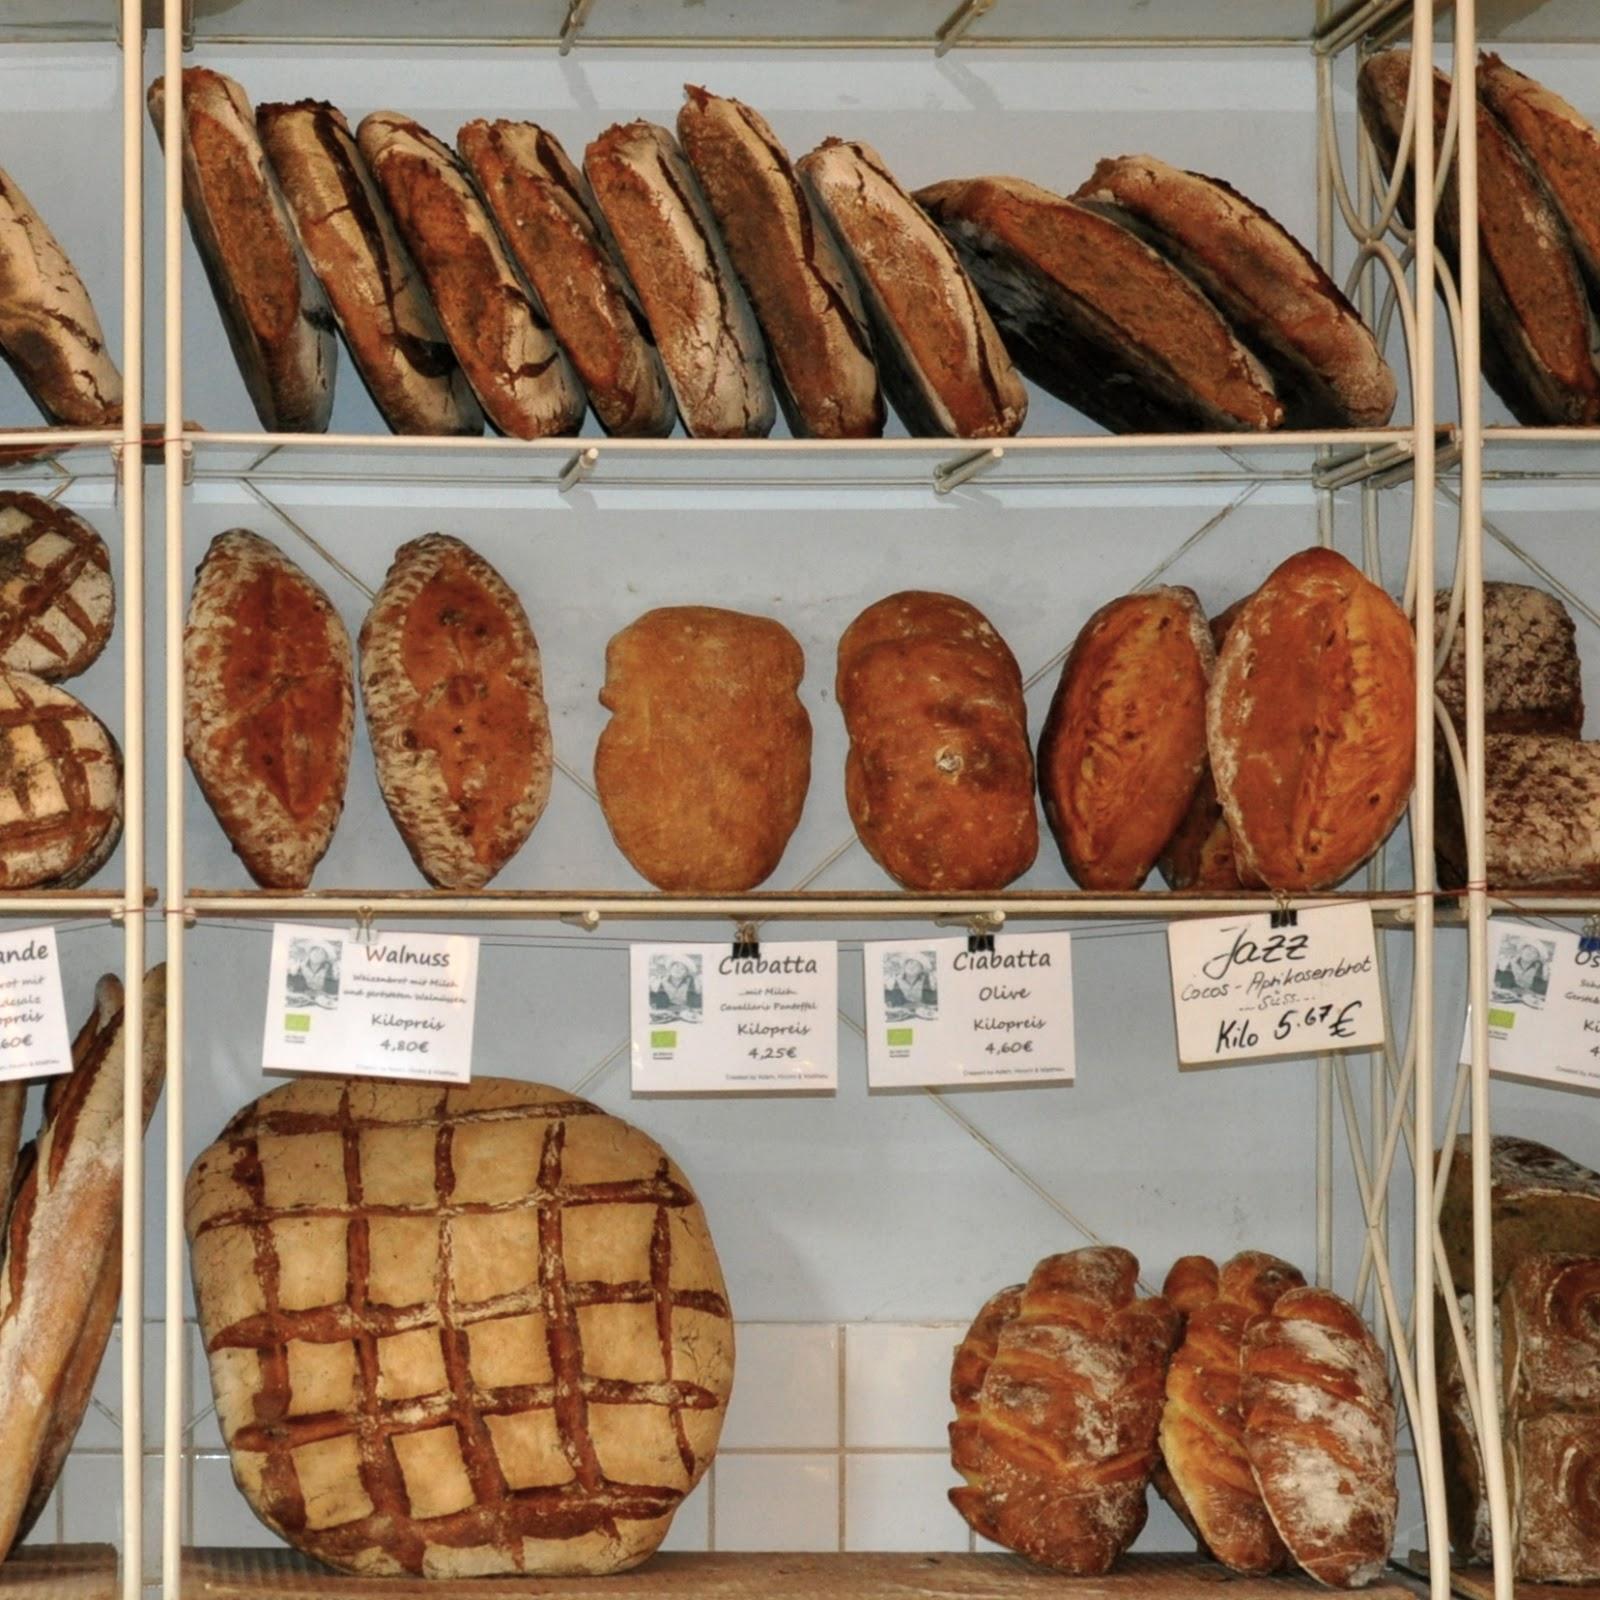 Soluna-Brot-und-Oel-Berlin-Bäckerei-Grneisenaustraße-1